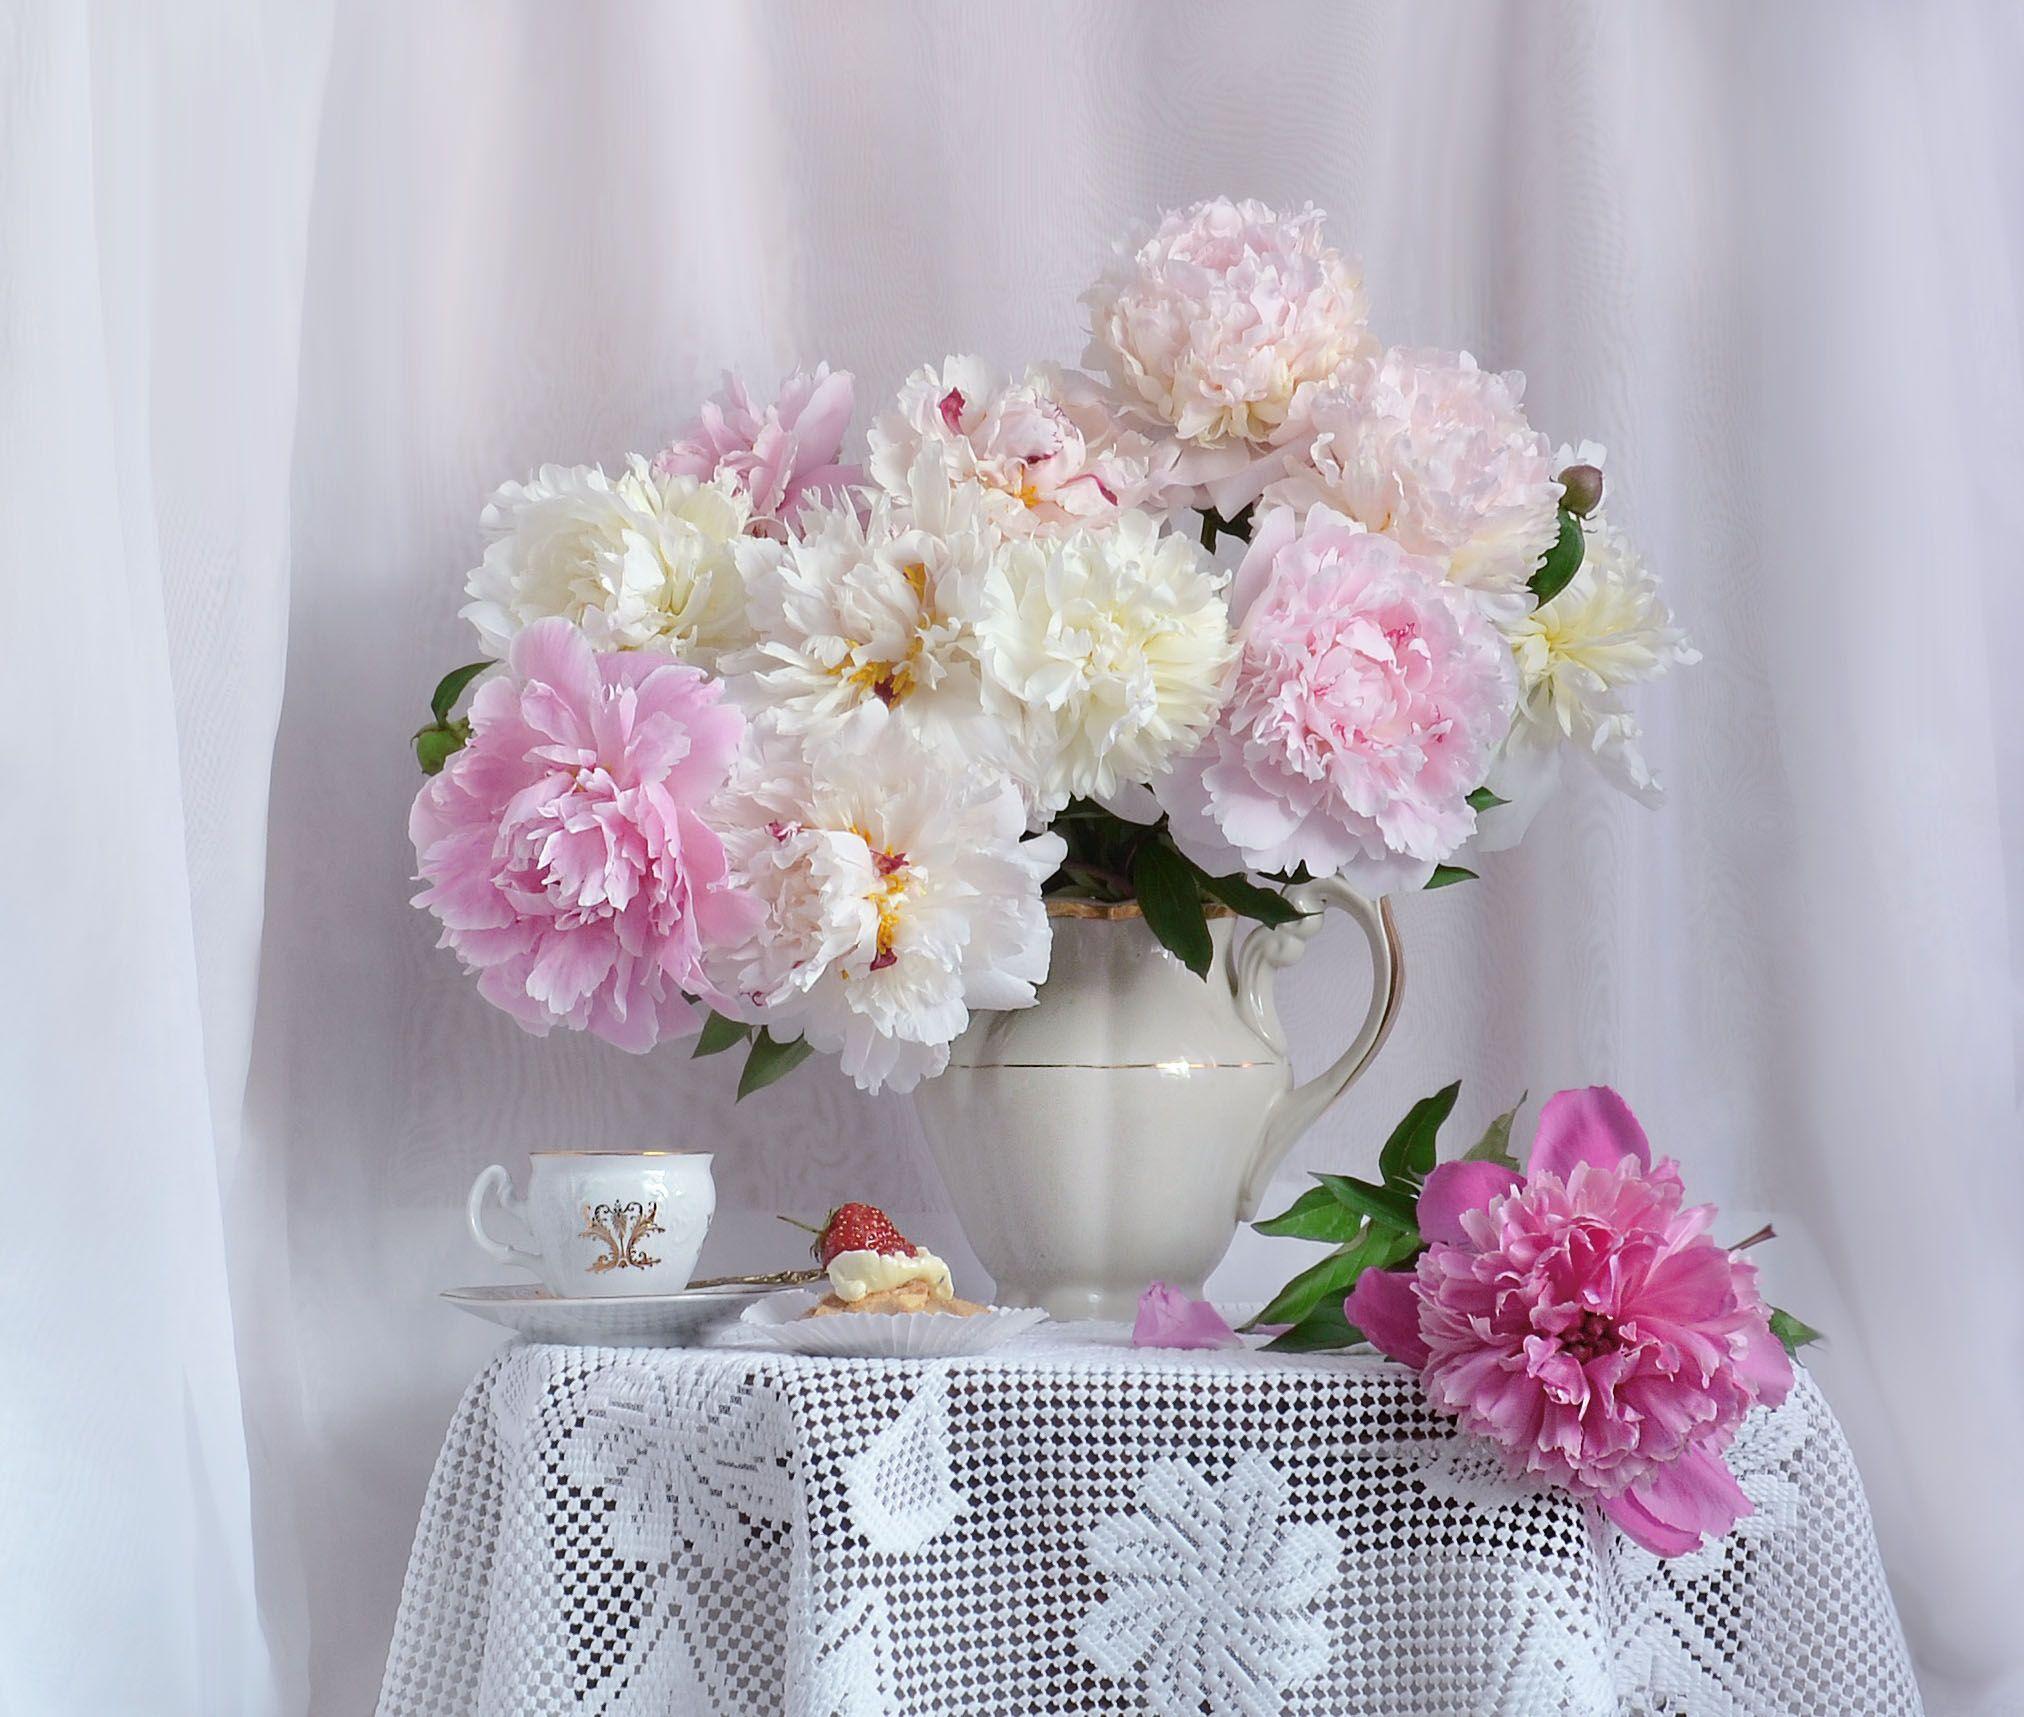 still life, натюрморт, июньские вечера, лето, настроение, пионы, фото натюрморт, цветы, фарфор, Колова Валентина